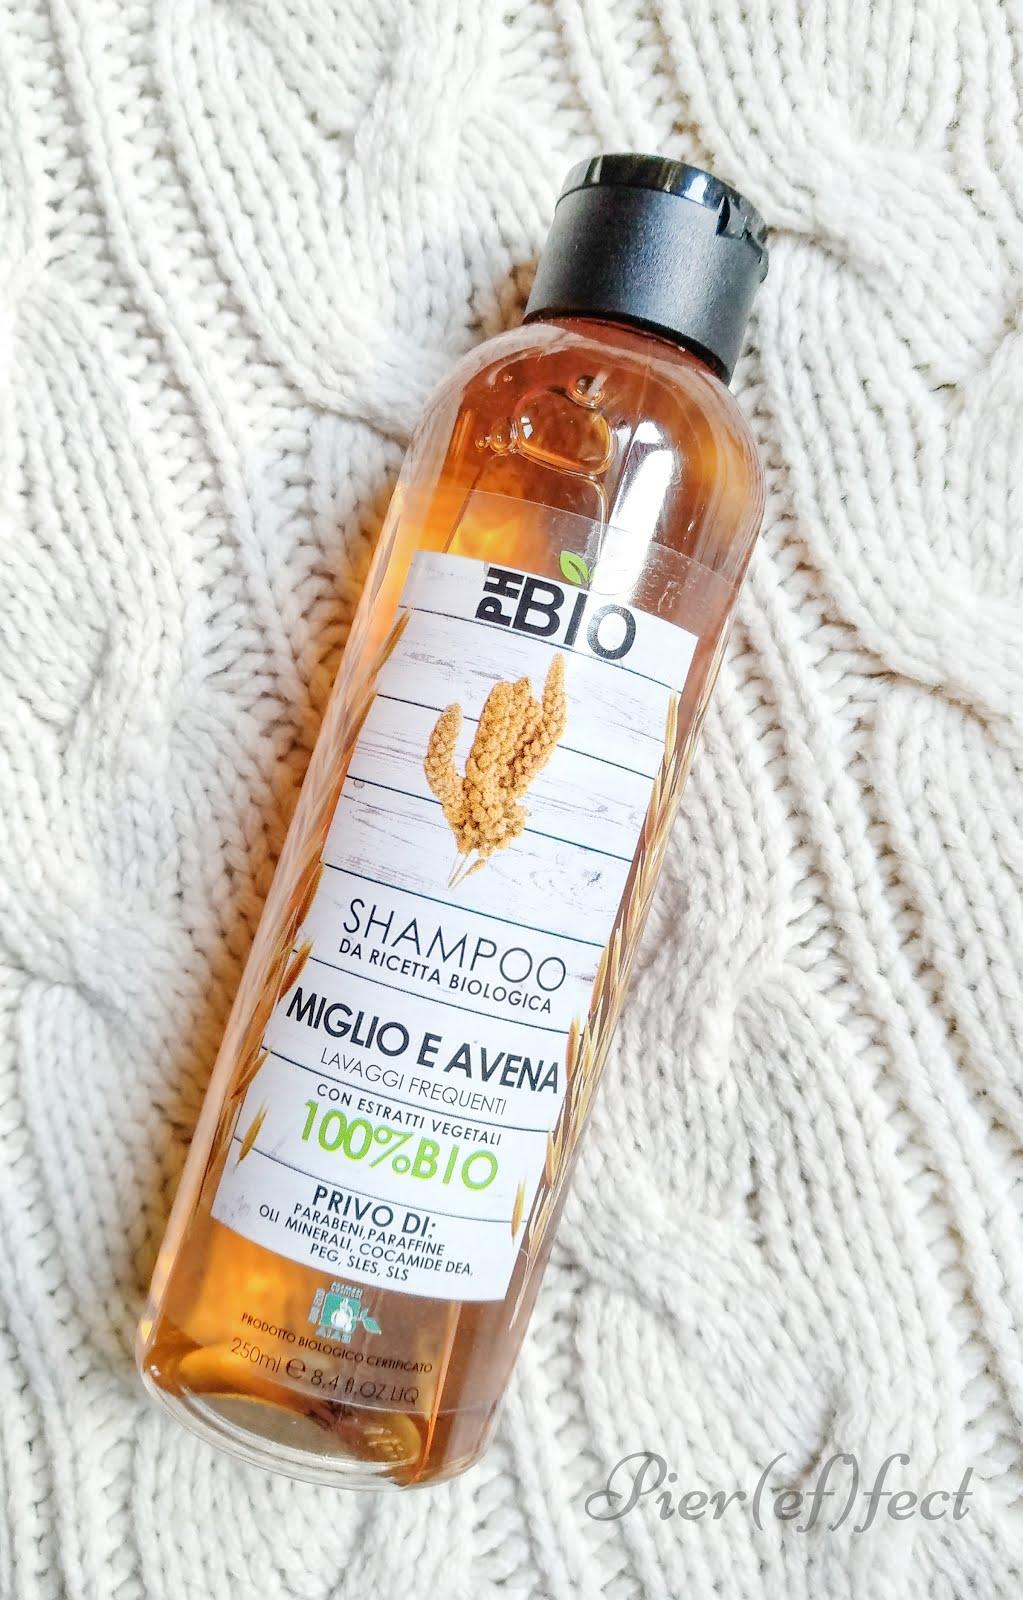 PhBio Shampoo Miglio e Avena per lavaggi frequenti